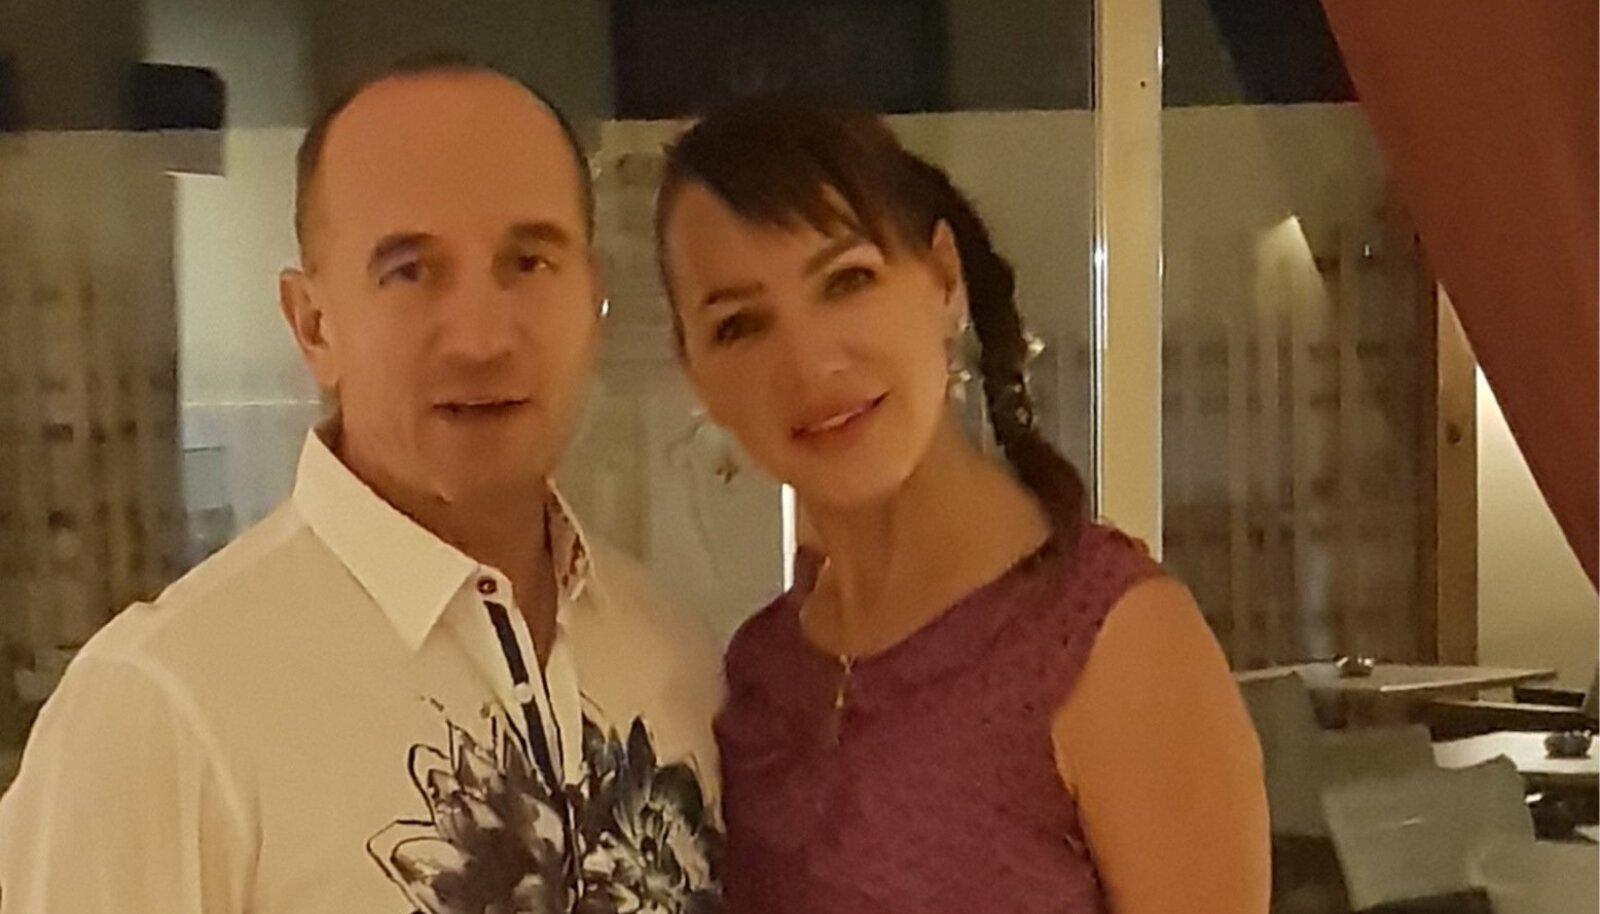 TAGASI RAJAL Kolme aasta eest pani Oleg Viivi fakti ette - kas ta võtab end käsile ja ületab oma alkoholiprobleemi  või nende abielu laguneb.